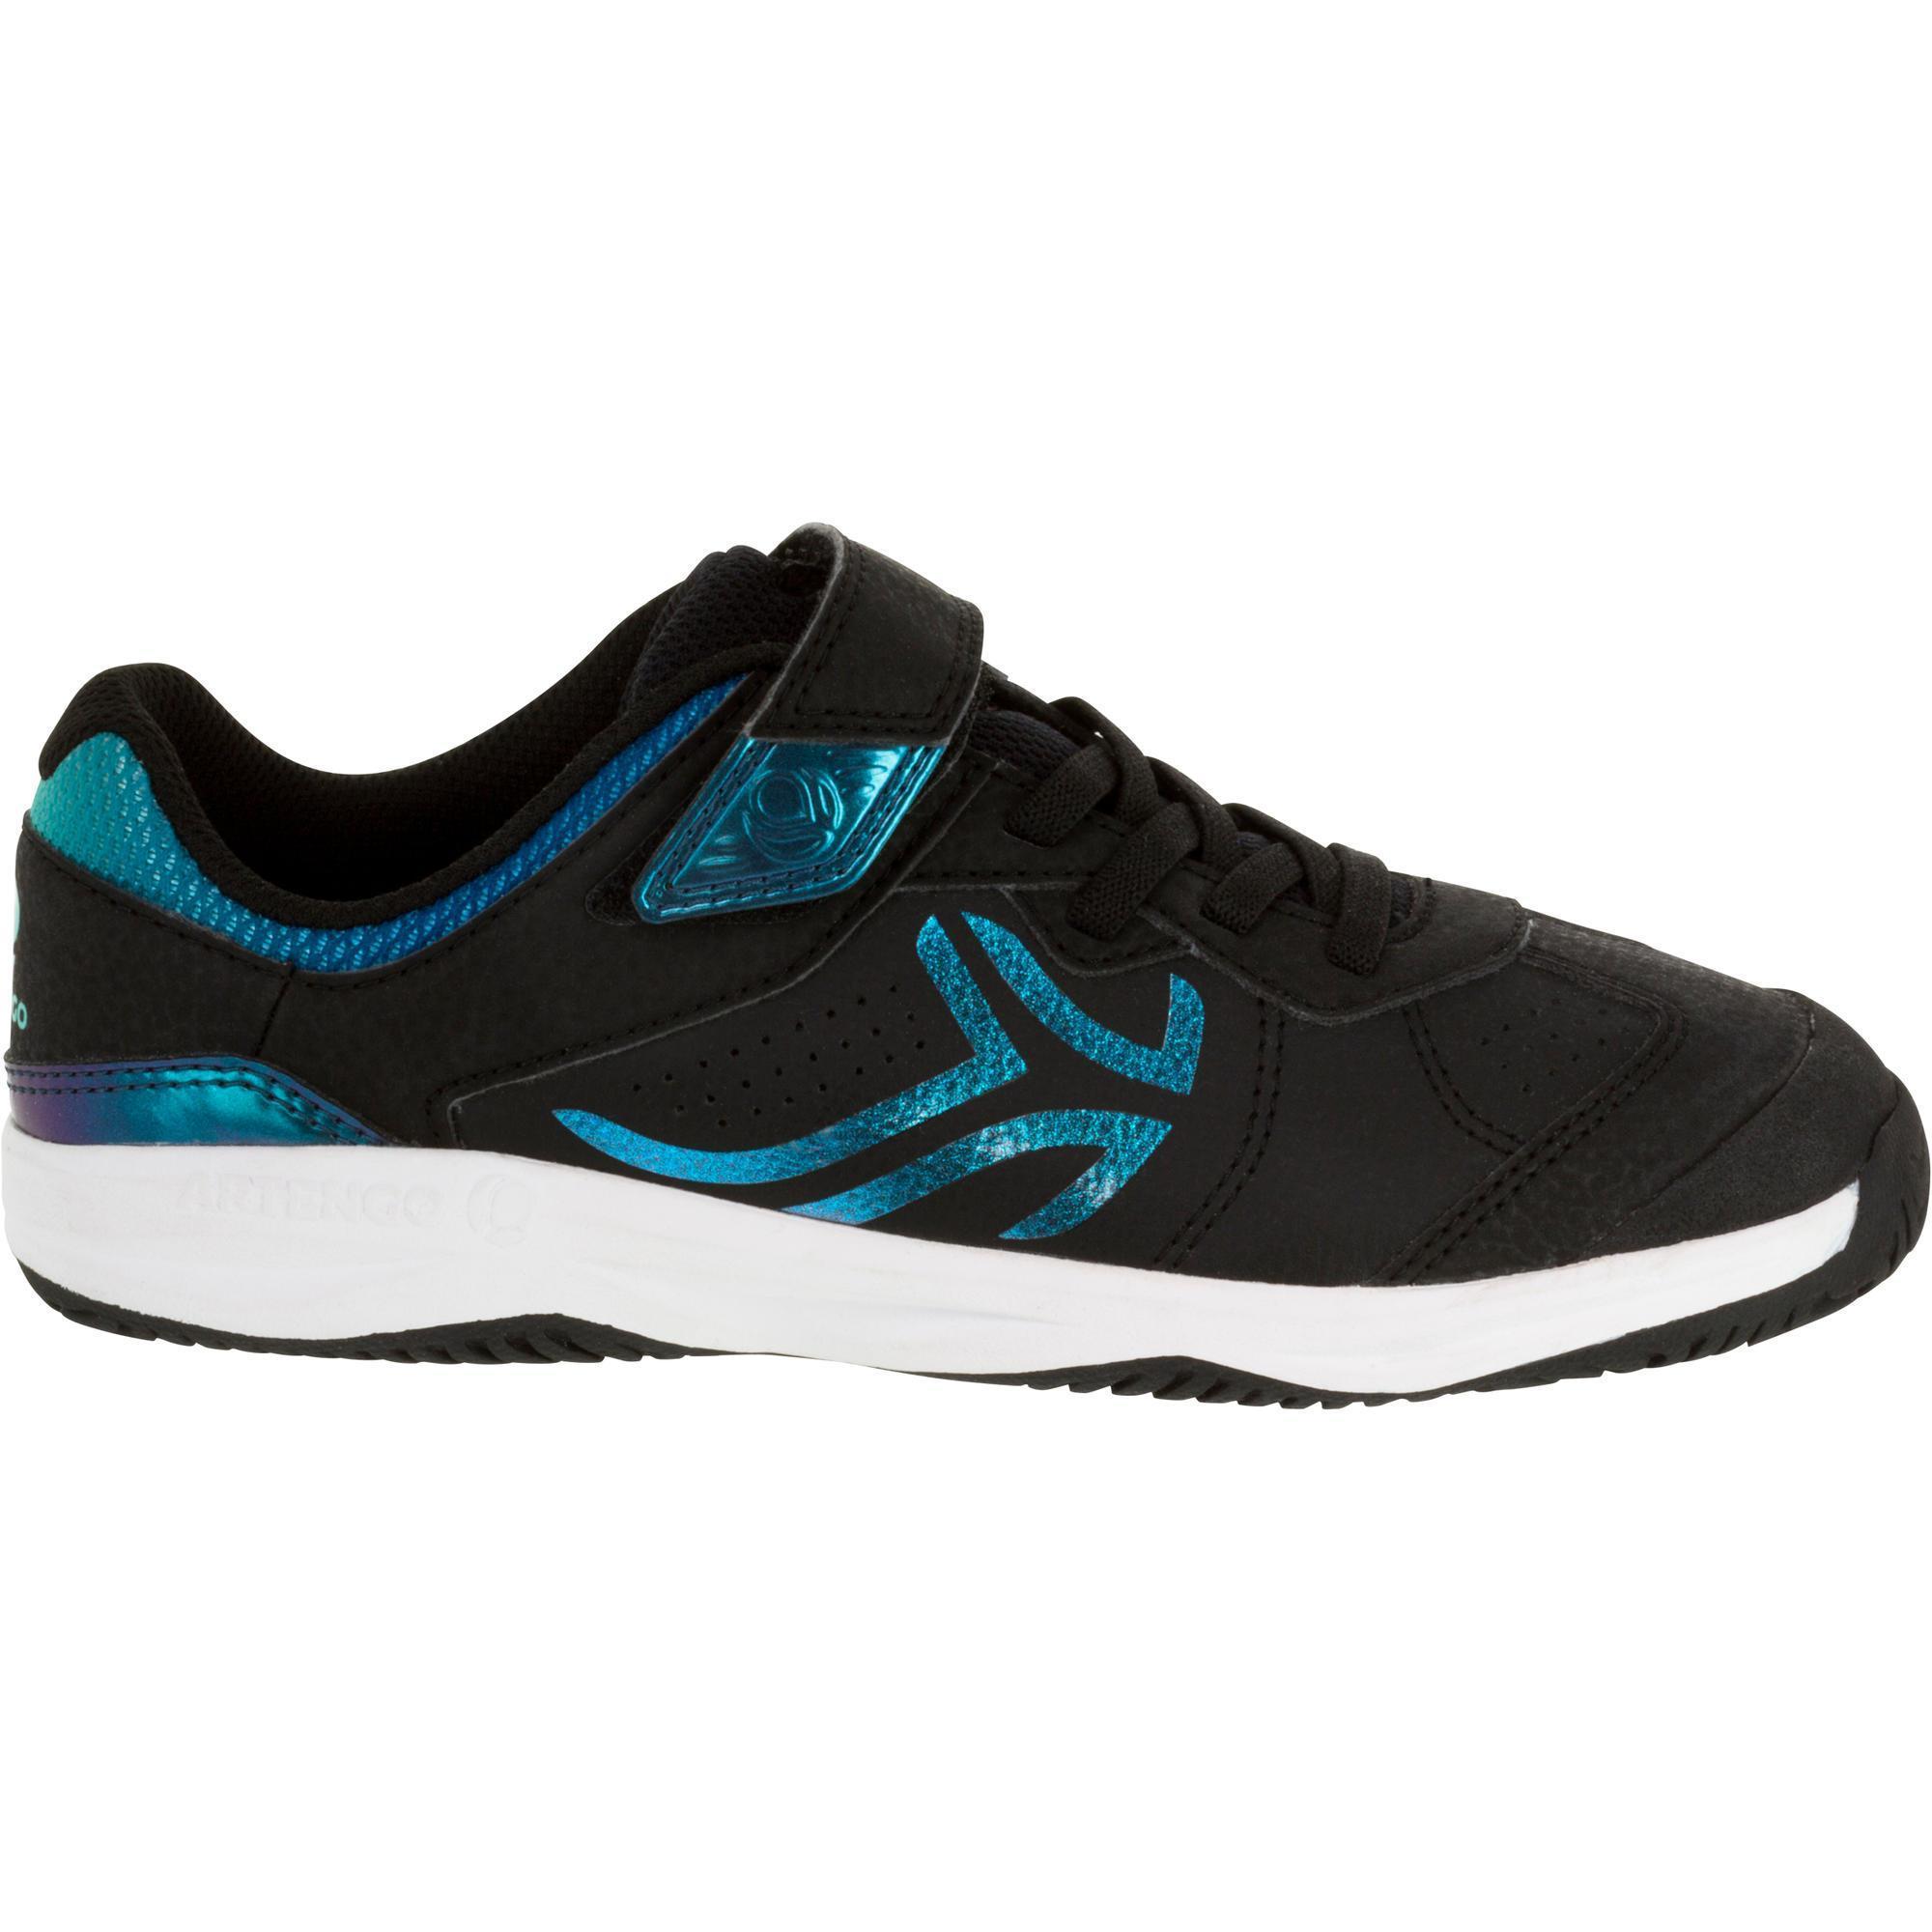 Artengo Tennisschoenen voor kinderen Artengo TS160 blauw regenboog